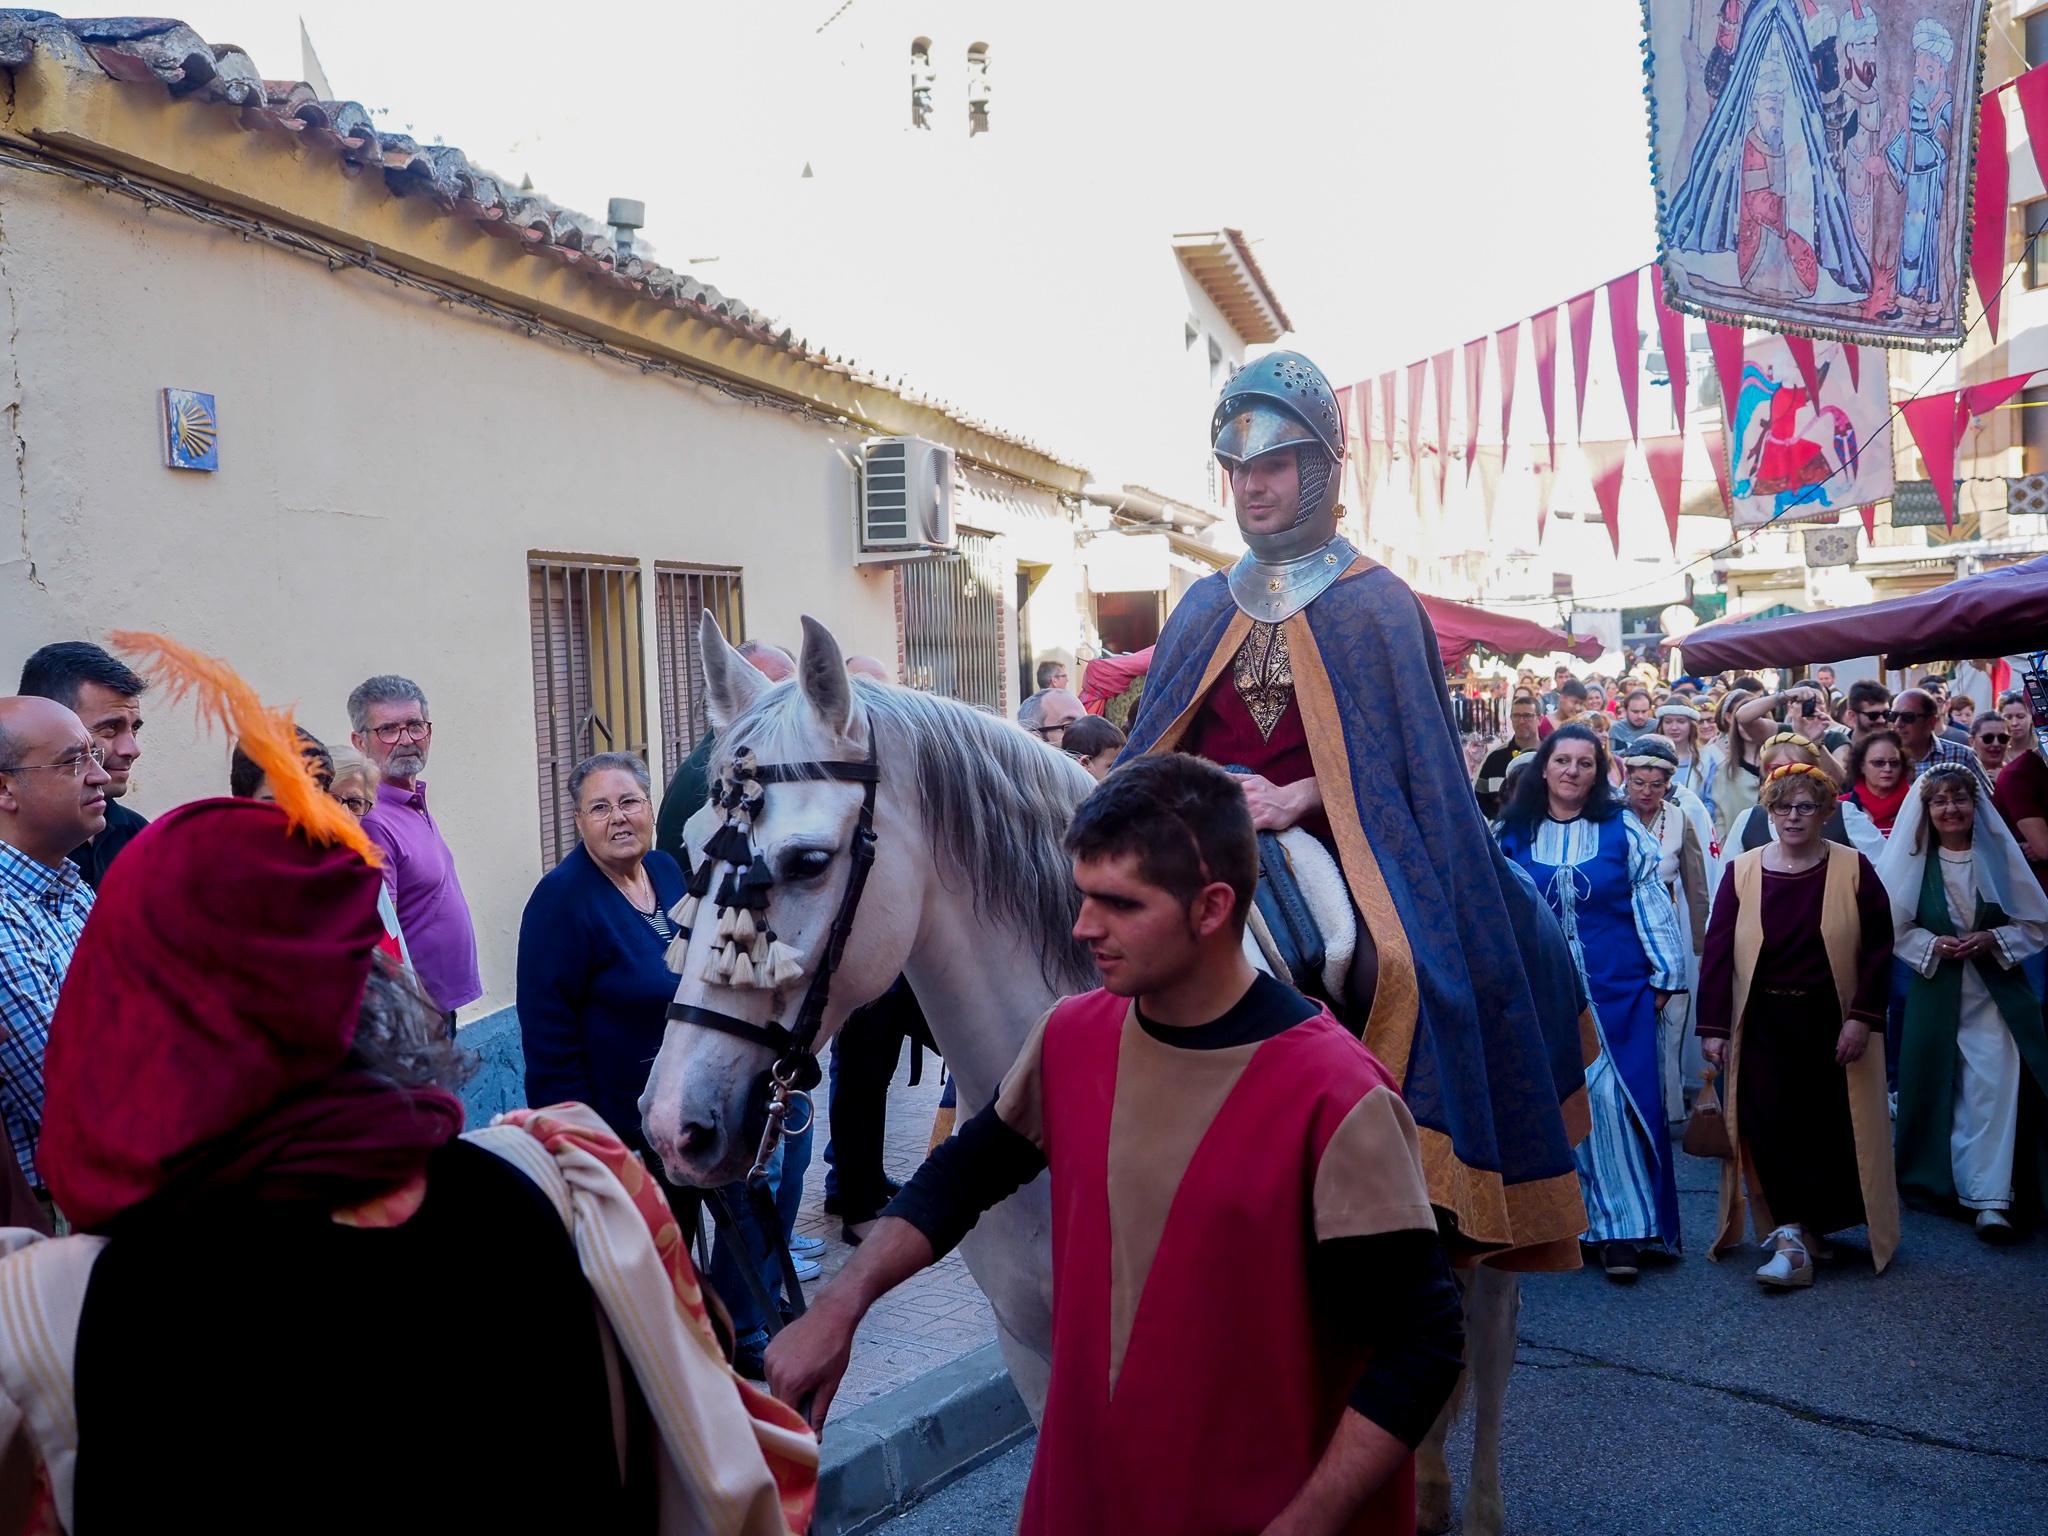 Llegada del rey Don Pedro fiesta medieval